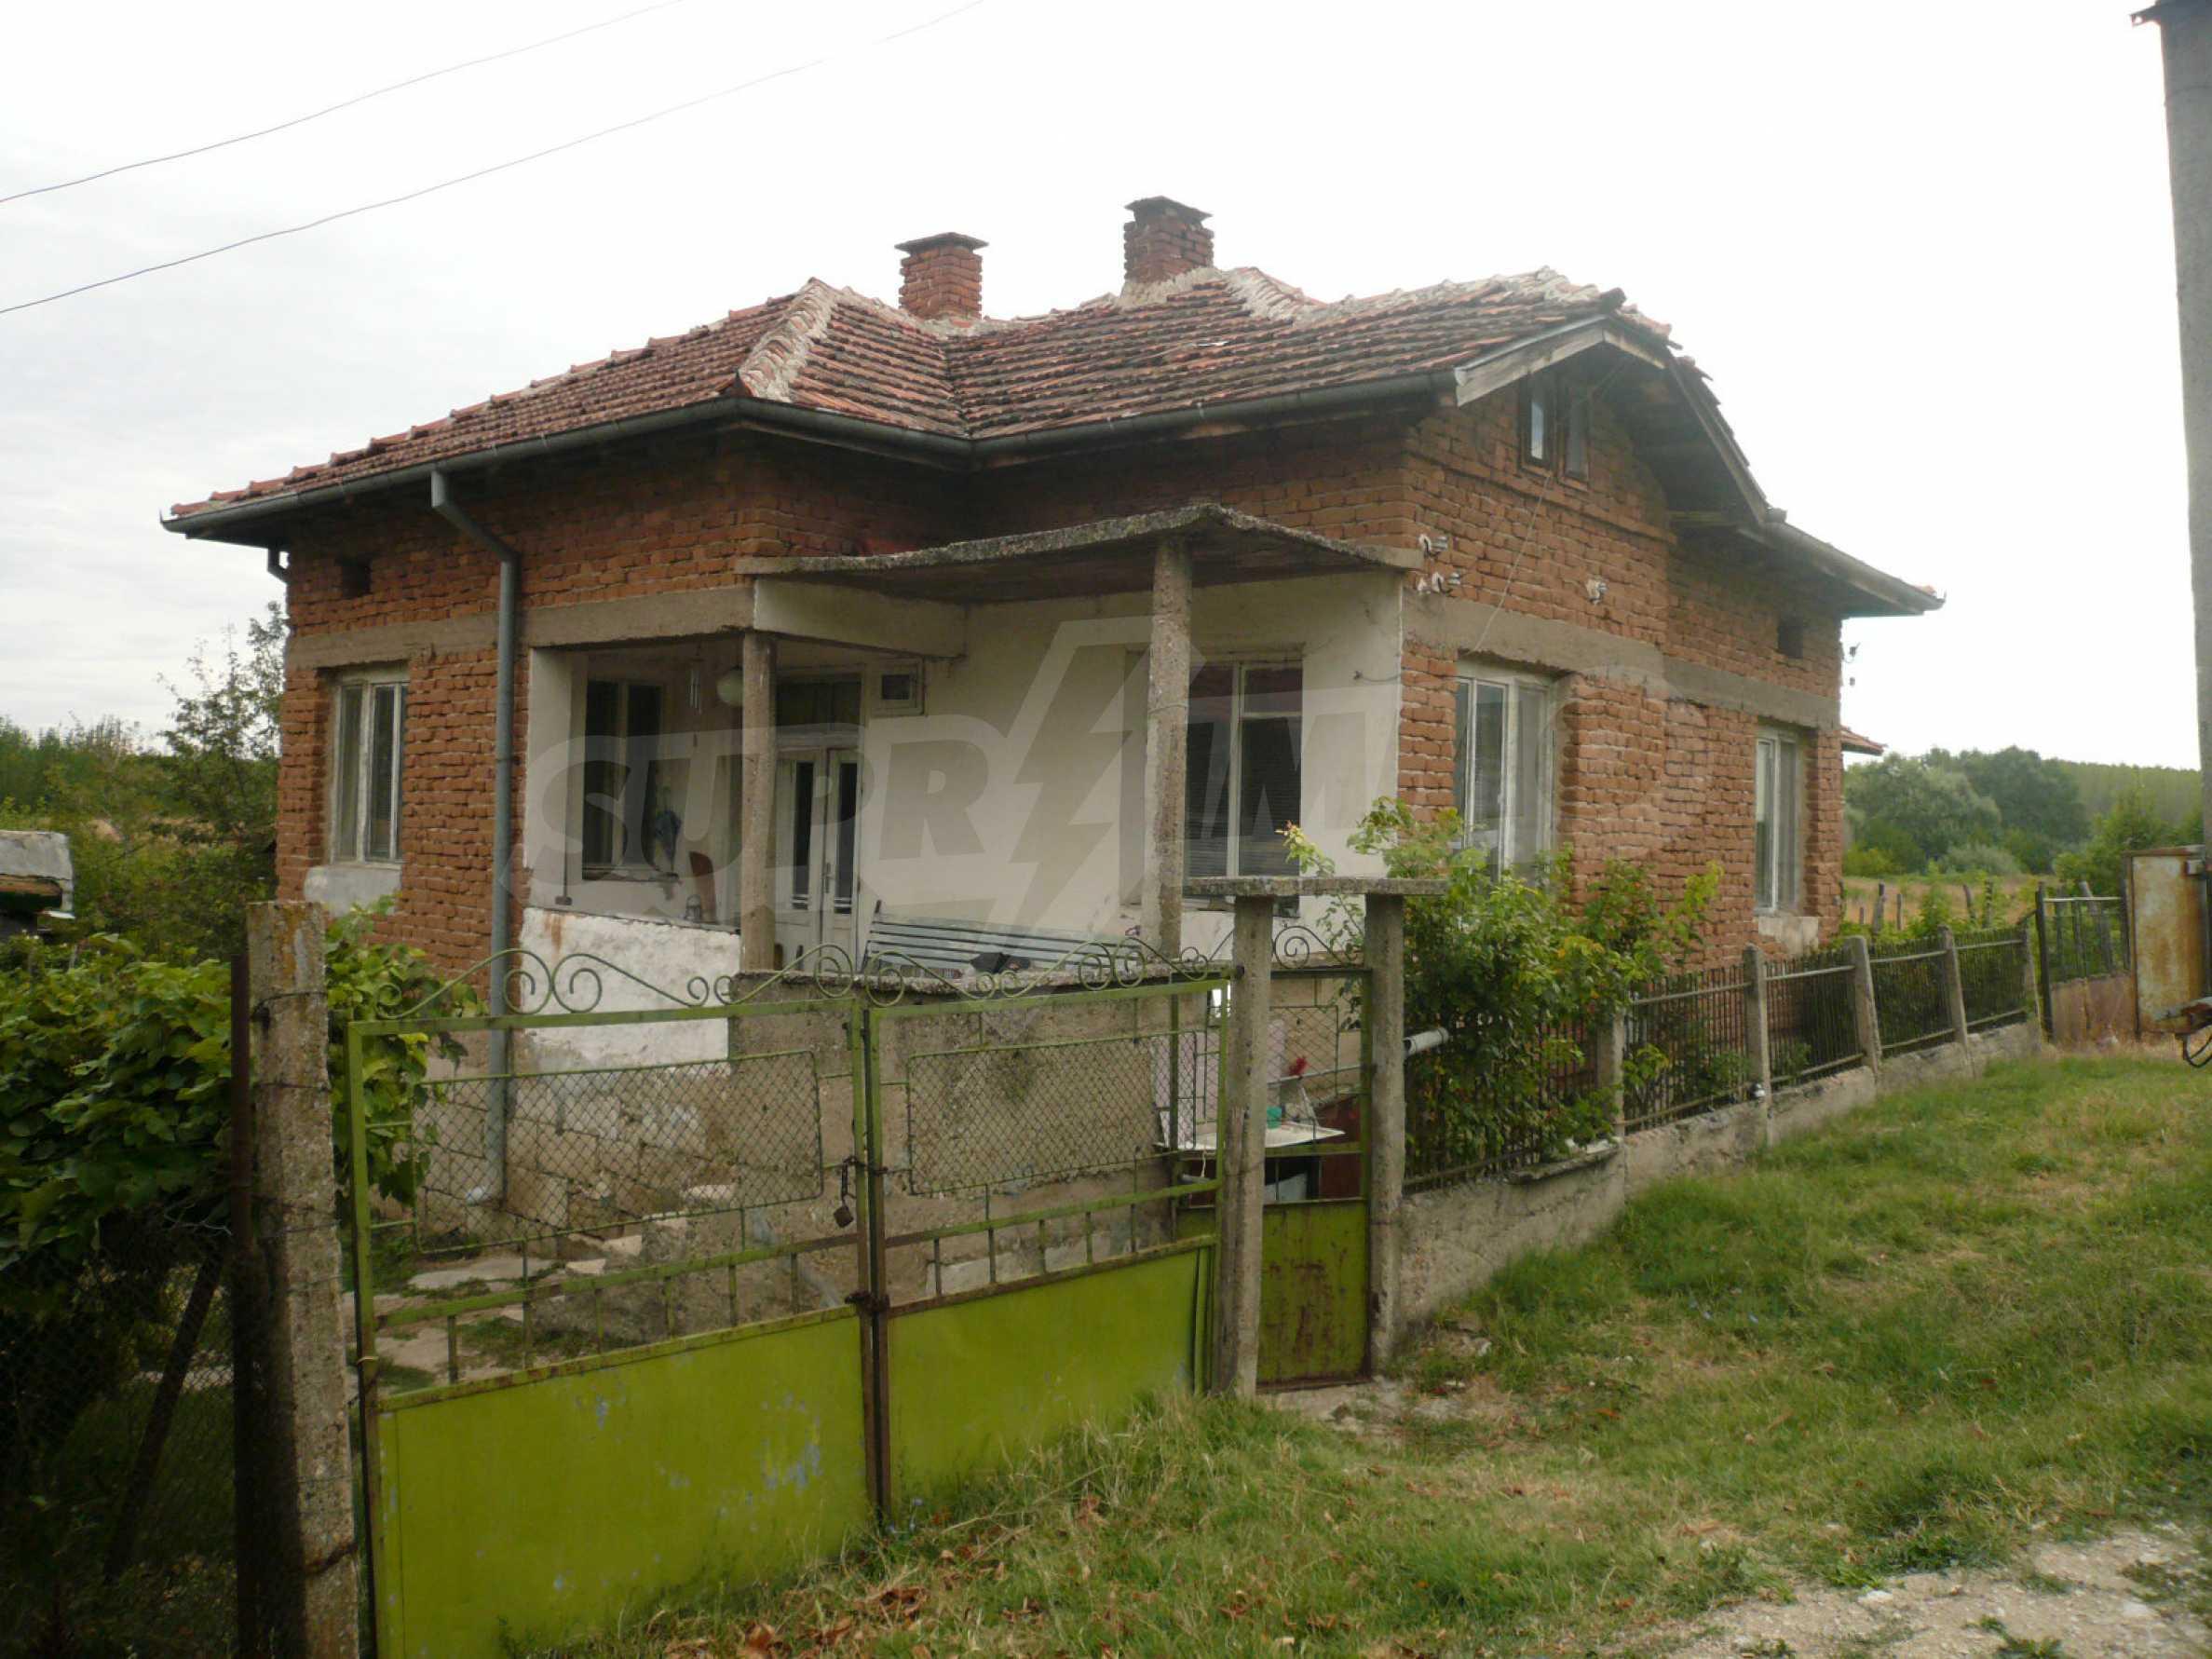 Einfamilienhaus mit Hof in der Nähe der Donau